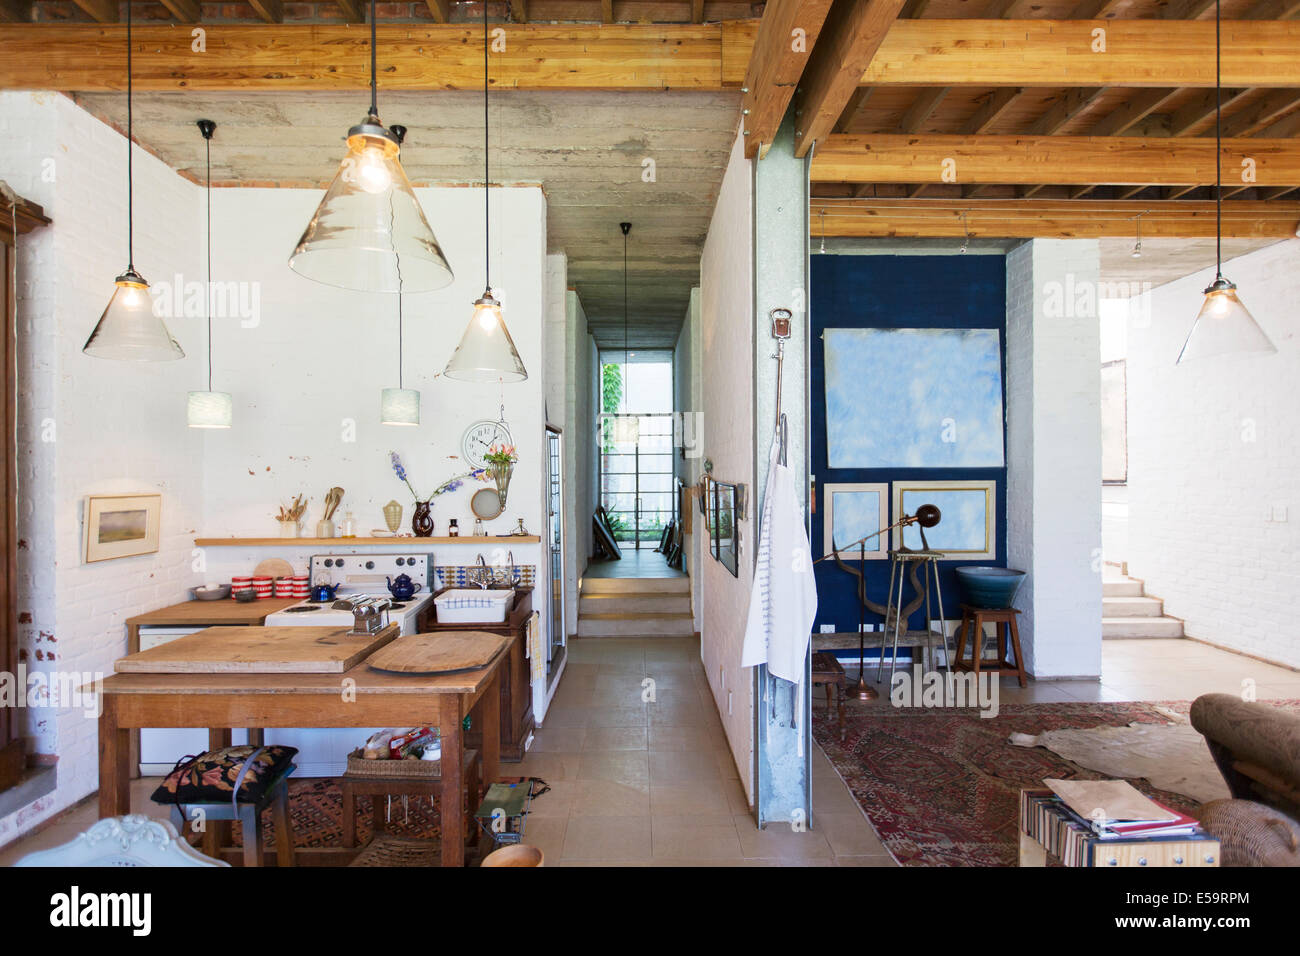 Küche und Wohnbereich des Landhaus Stockbild